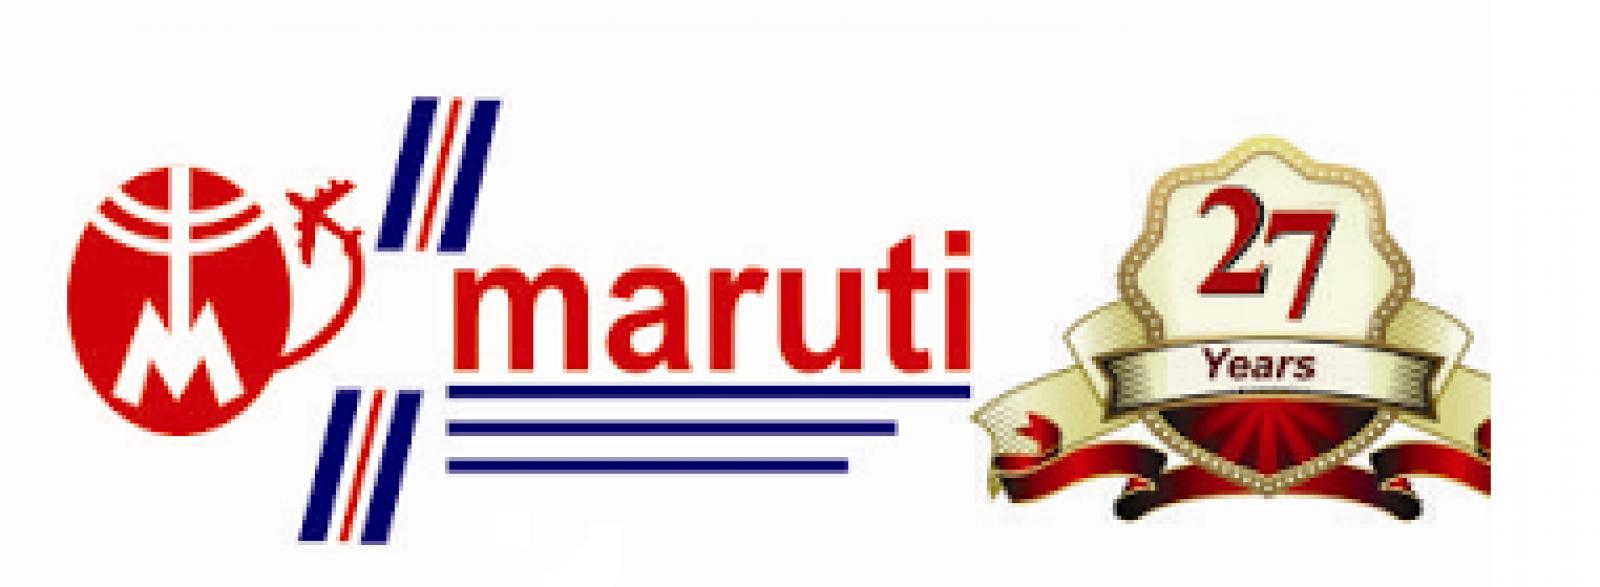 Maruti Air Couriers & Cargo Pvt. Ltd. H.p. Enterprasis